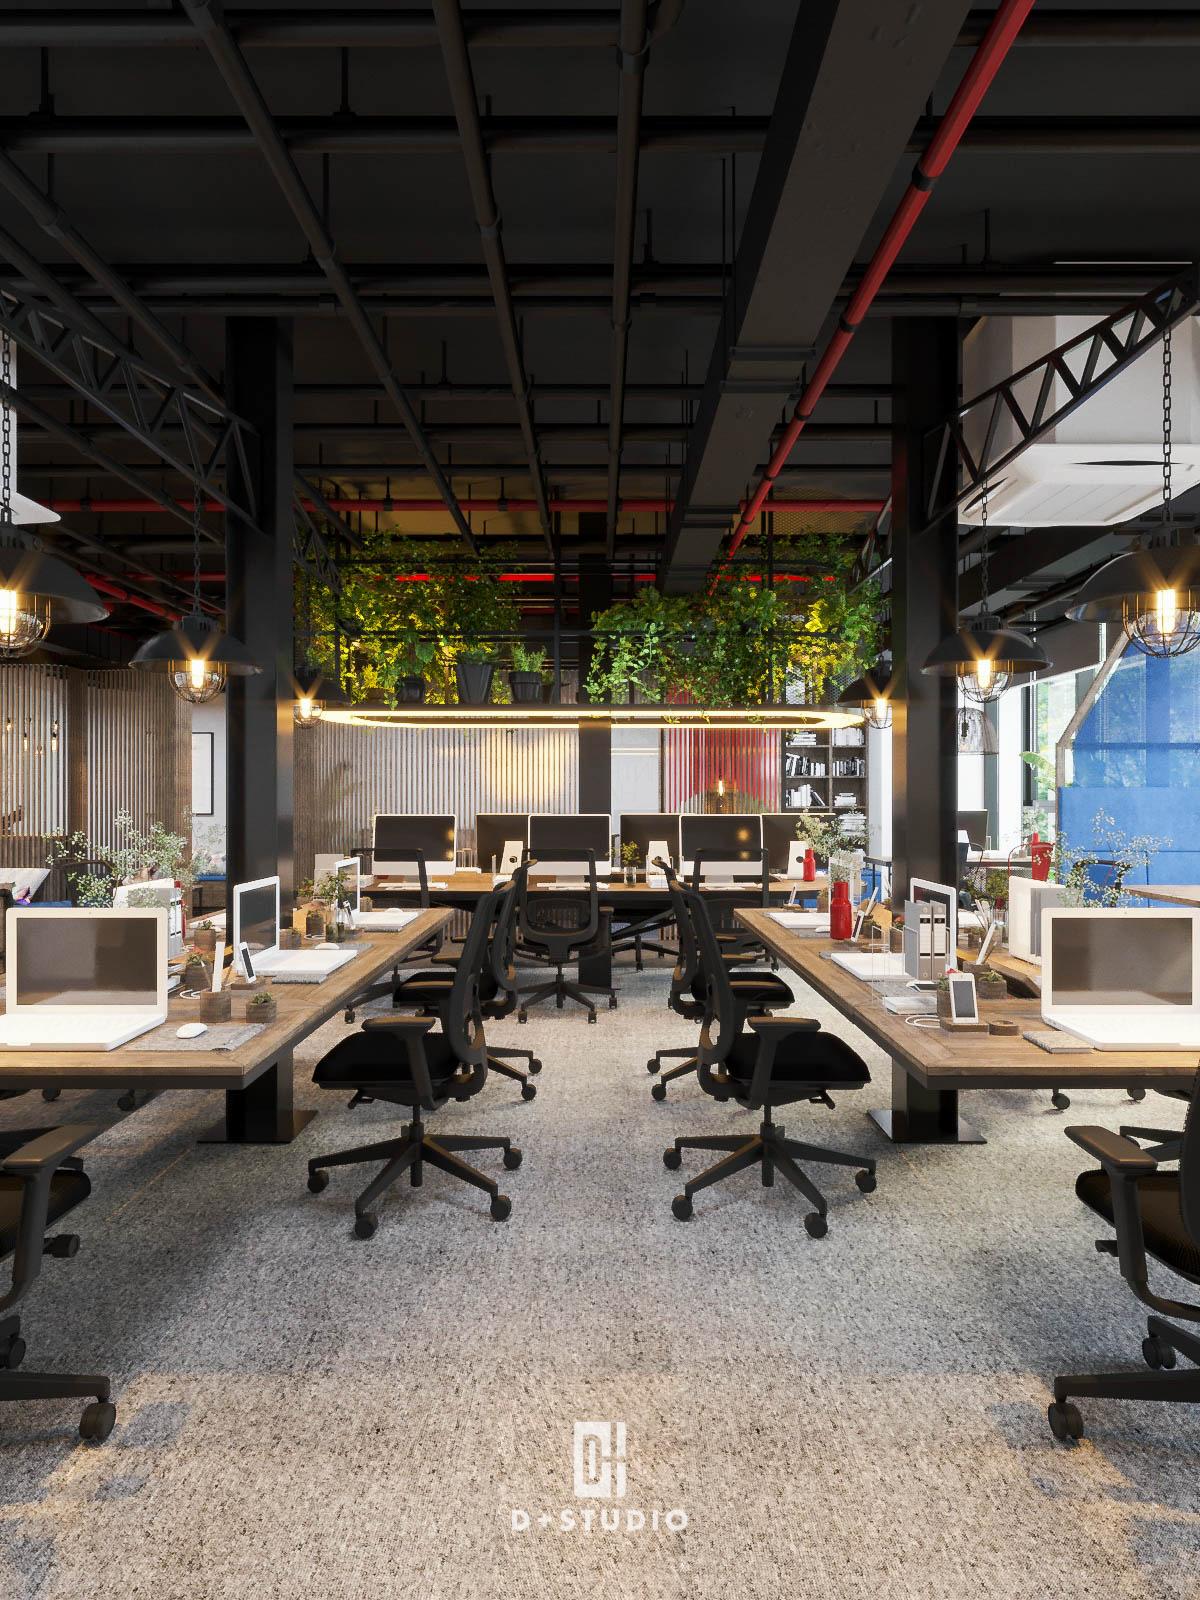 Không gian làm việc chung của công ty BCI sử dụng màu đen sơn trần nhà kết hợp với những tông màu đa dạng ở nội thất, tường đem đến cảm quan rất ấn tượng